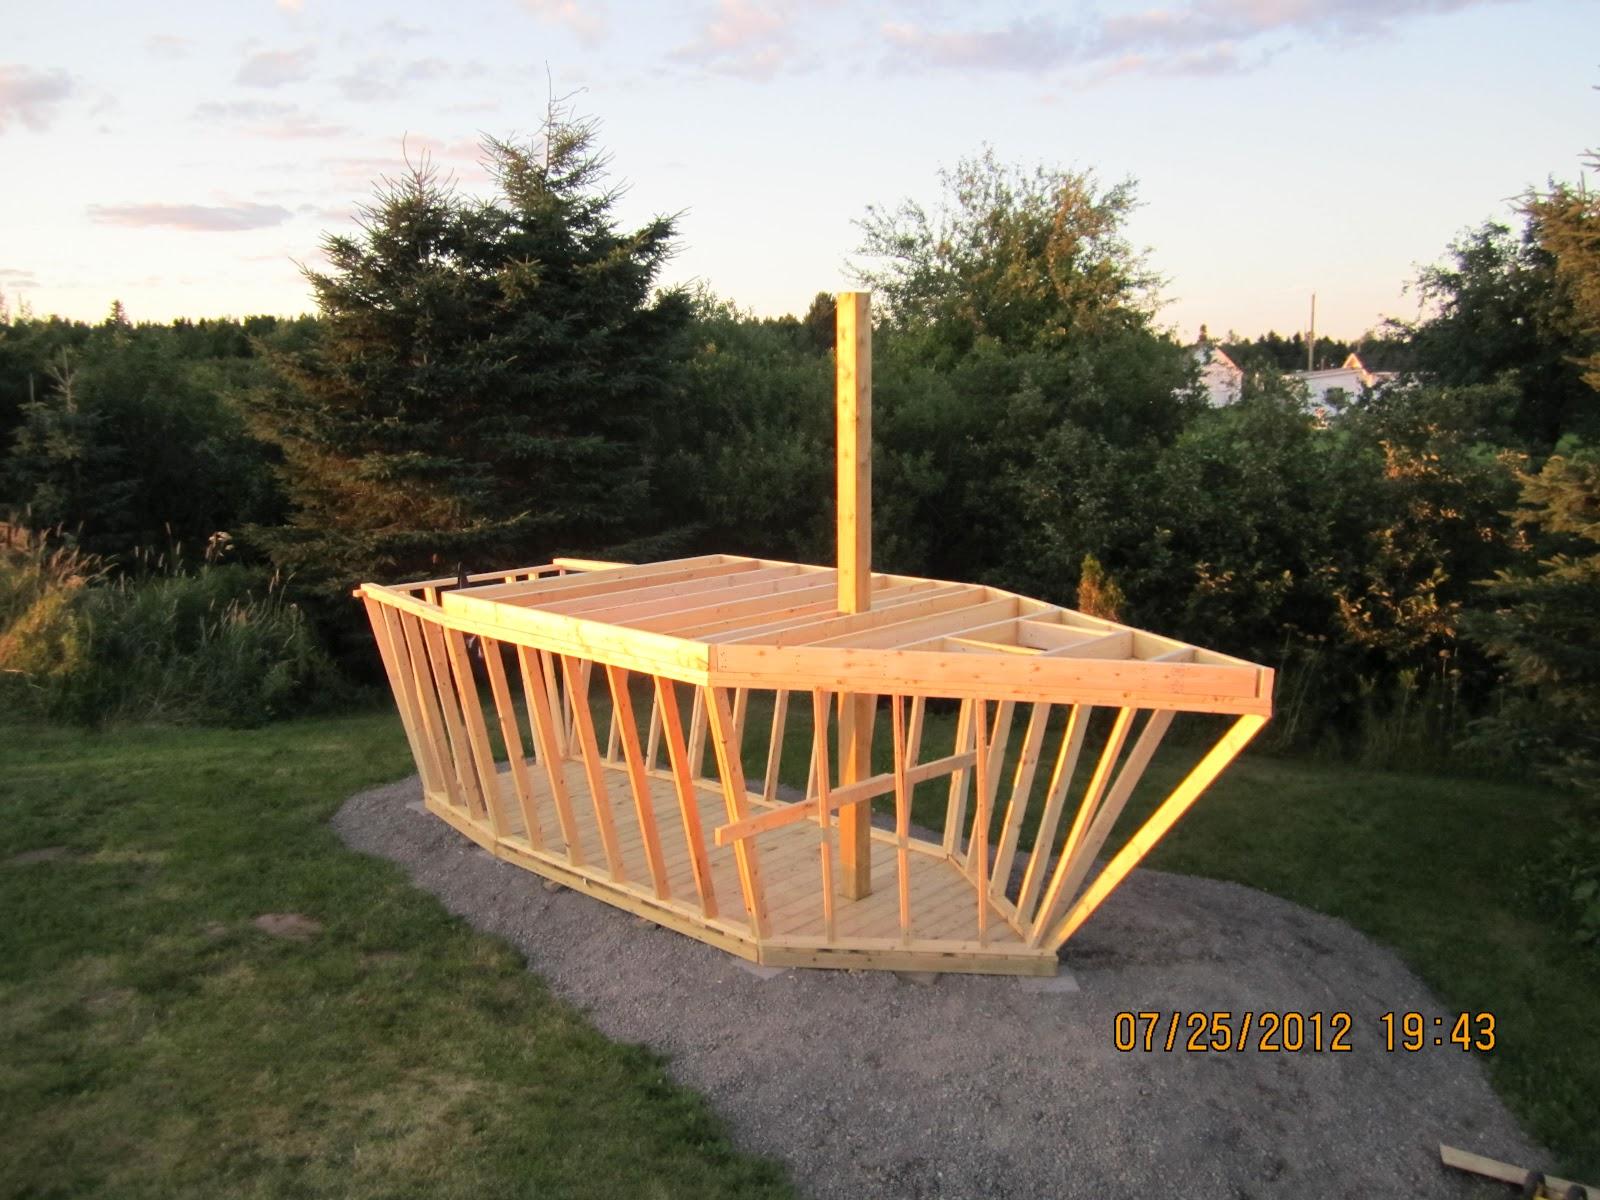 Backyard Kidz: Backyard Pirate Ship - Day 5